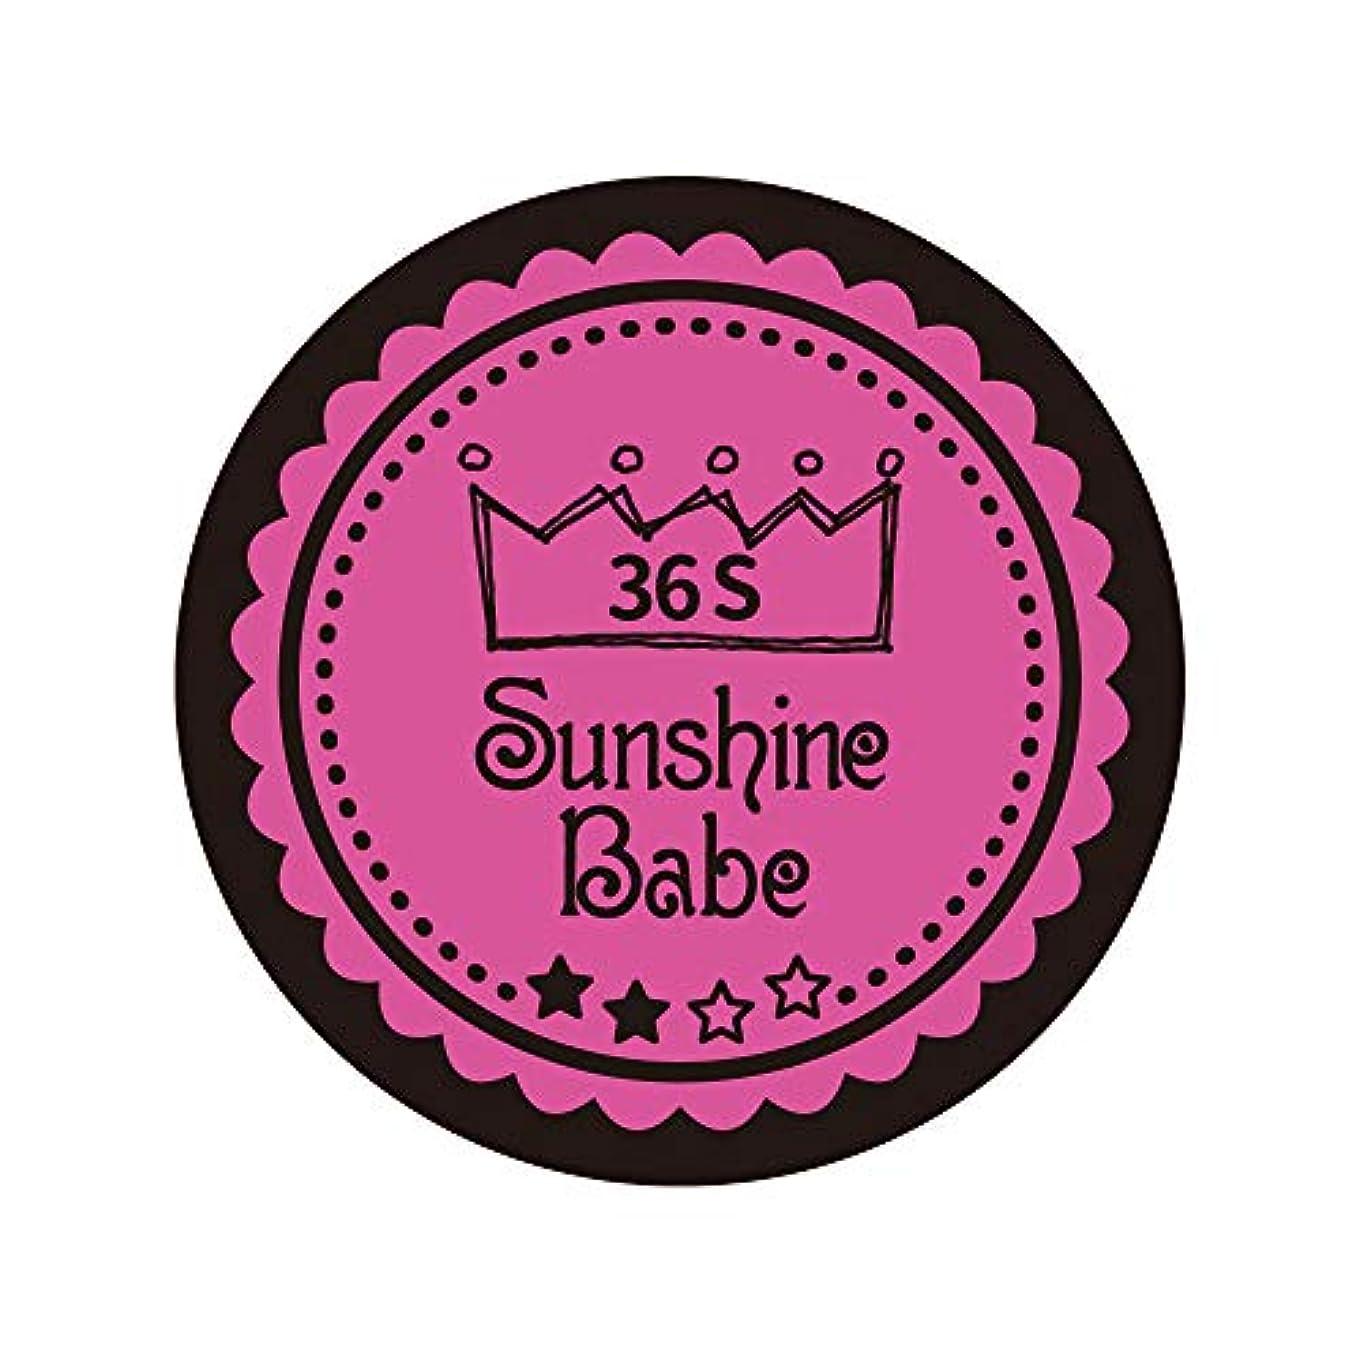 委員長慢でSunshine Babe カラージェル 36S クロッカスピンク 4g UV/LED対応